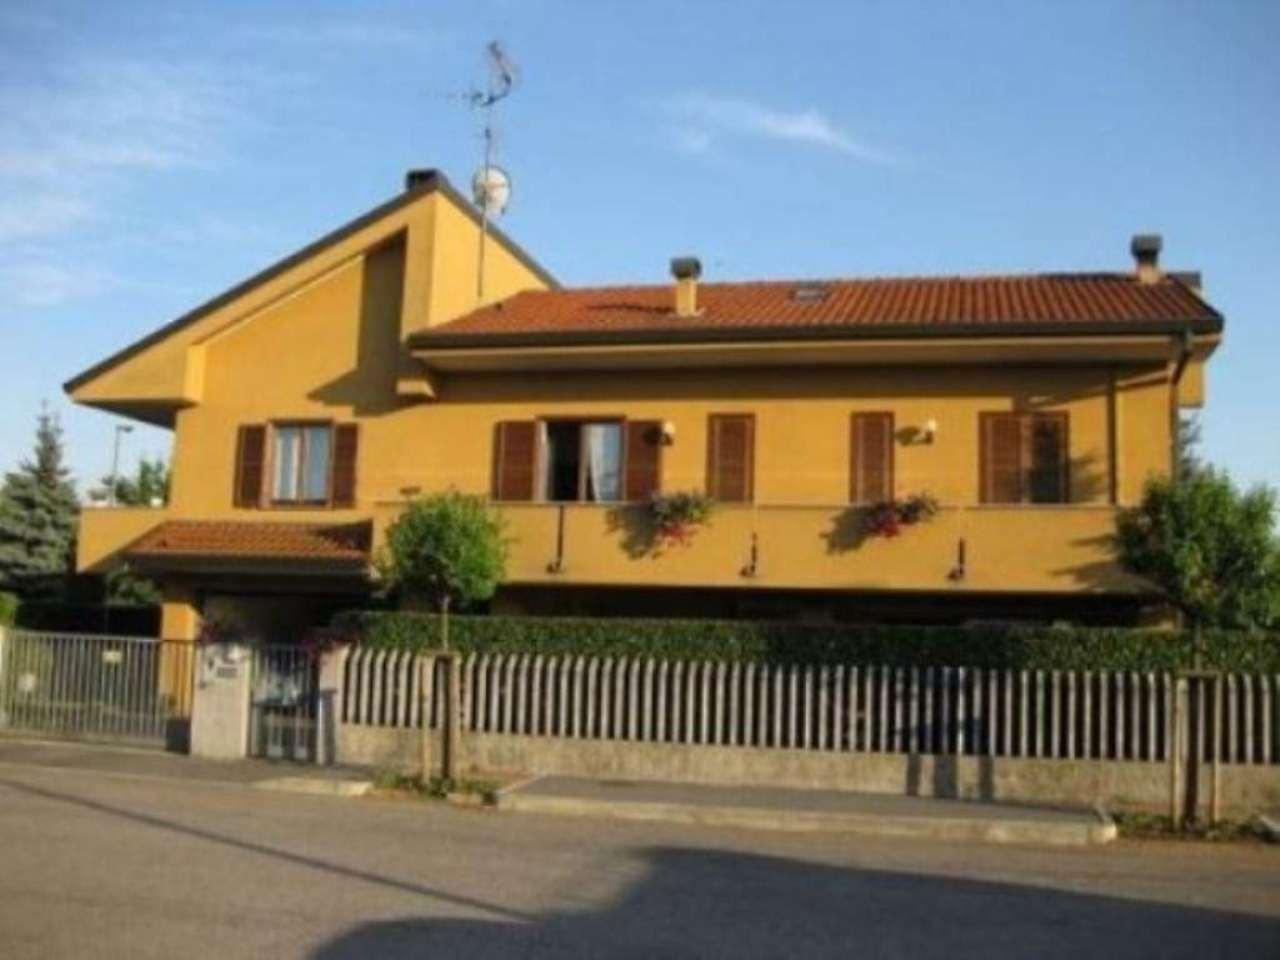 Villa in vendita a Paderno Dugnano, 5 locali, prezzo € 640.000 | Cambio Casa.it